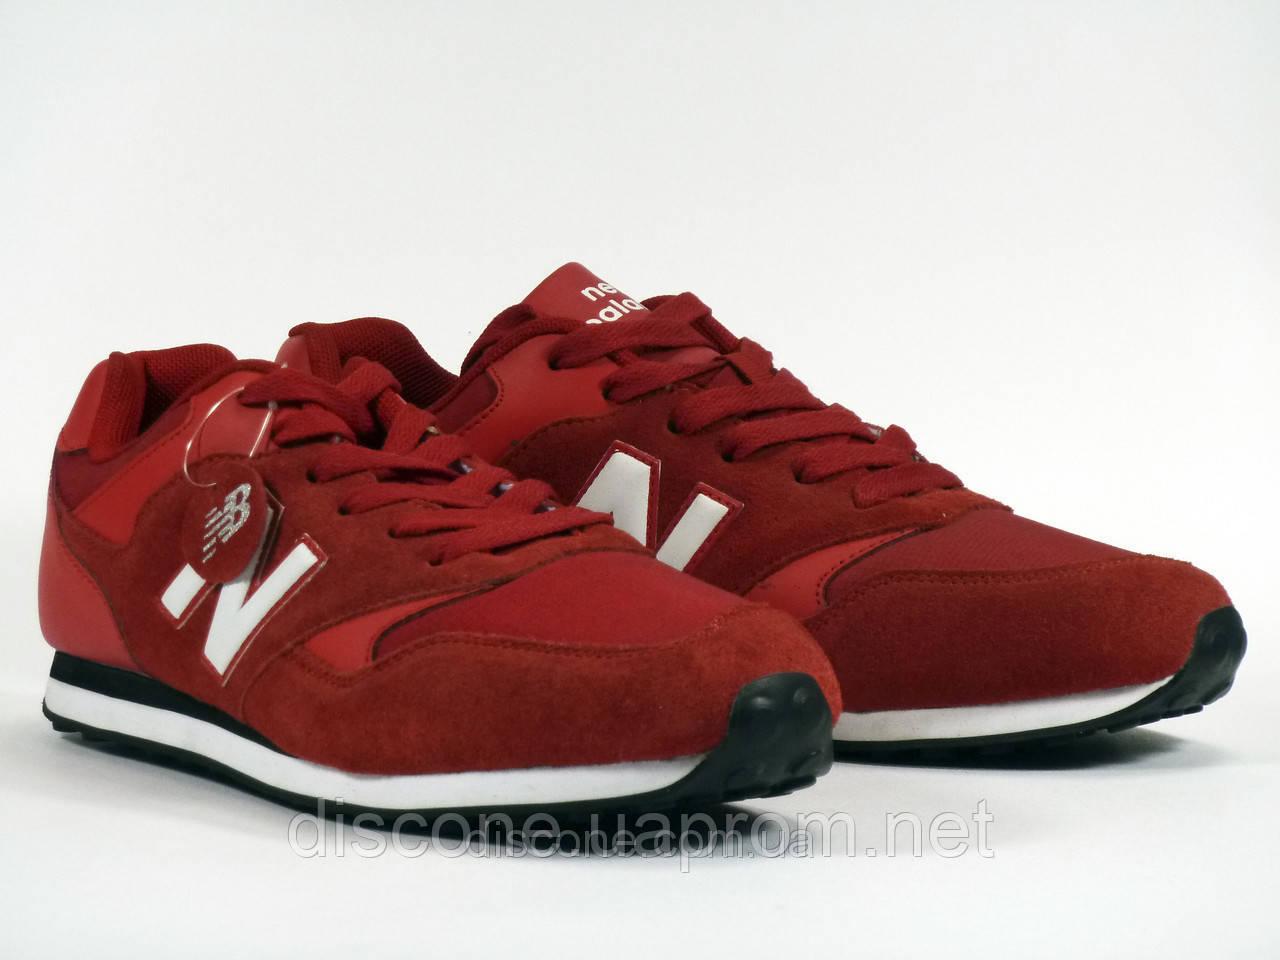 Купить красные кроссовки New Balance ML574 в